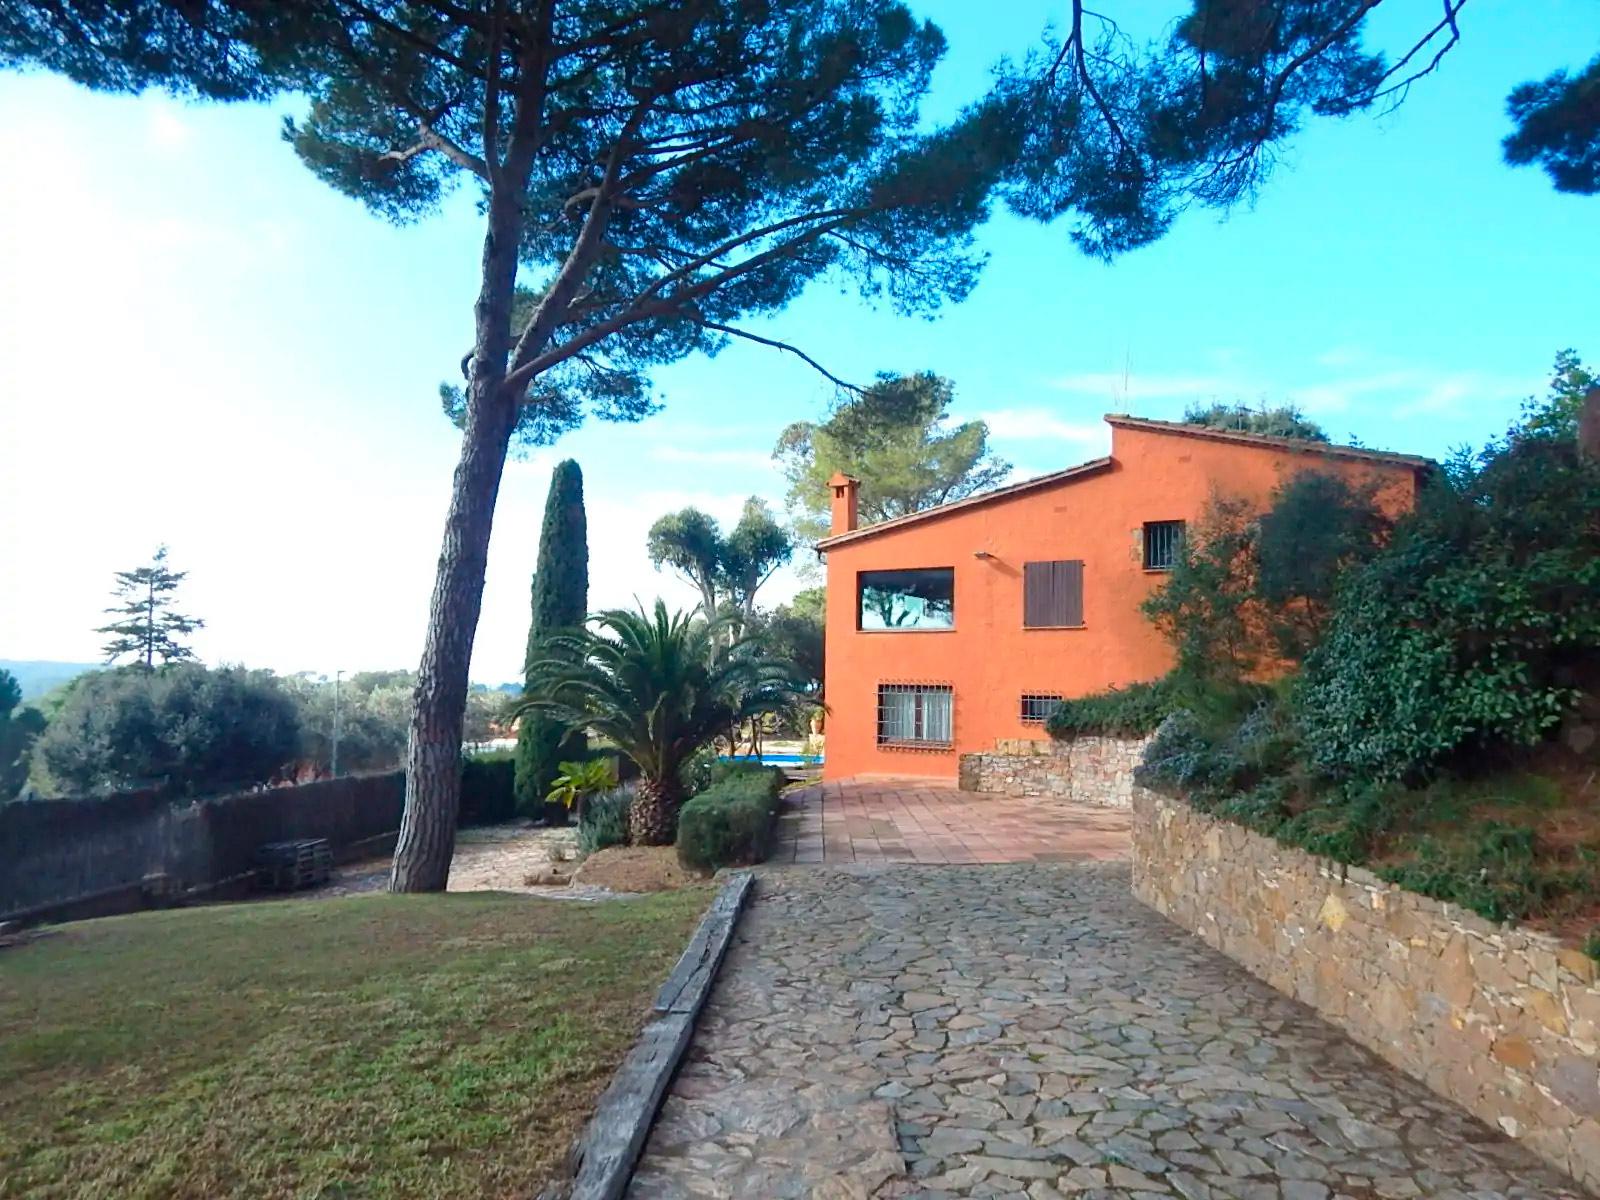 Casa situada a a uns 4 km del centre de Begur, proveïda amb piscina privada, jardí, terrassa i porxo cobert